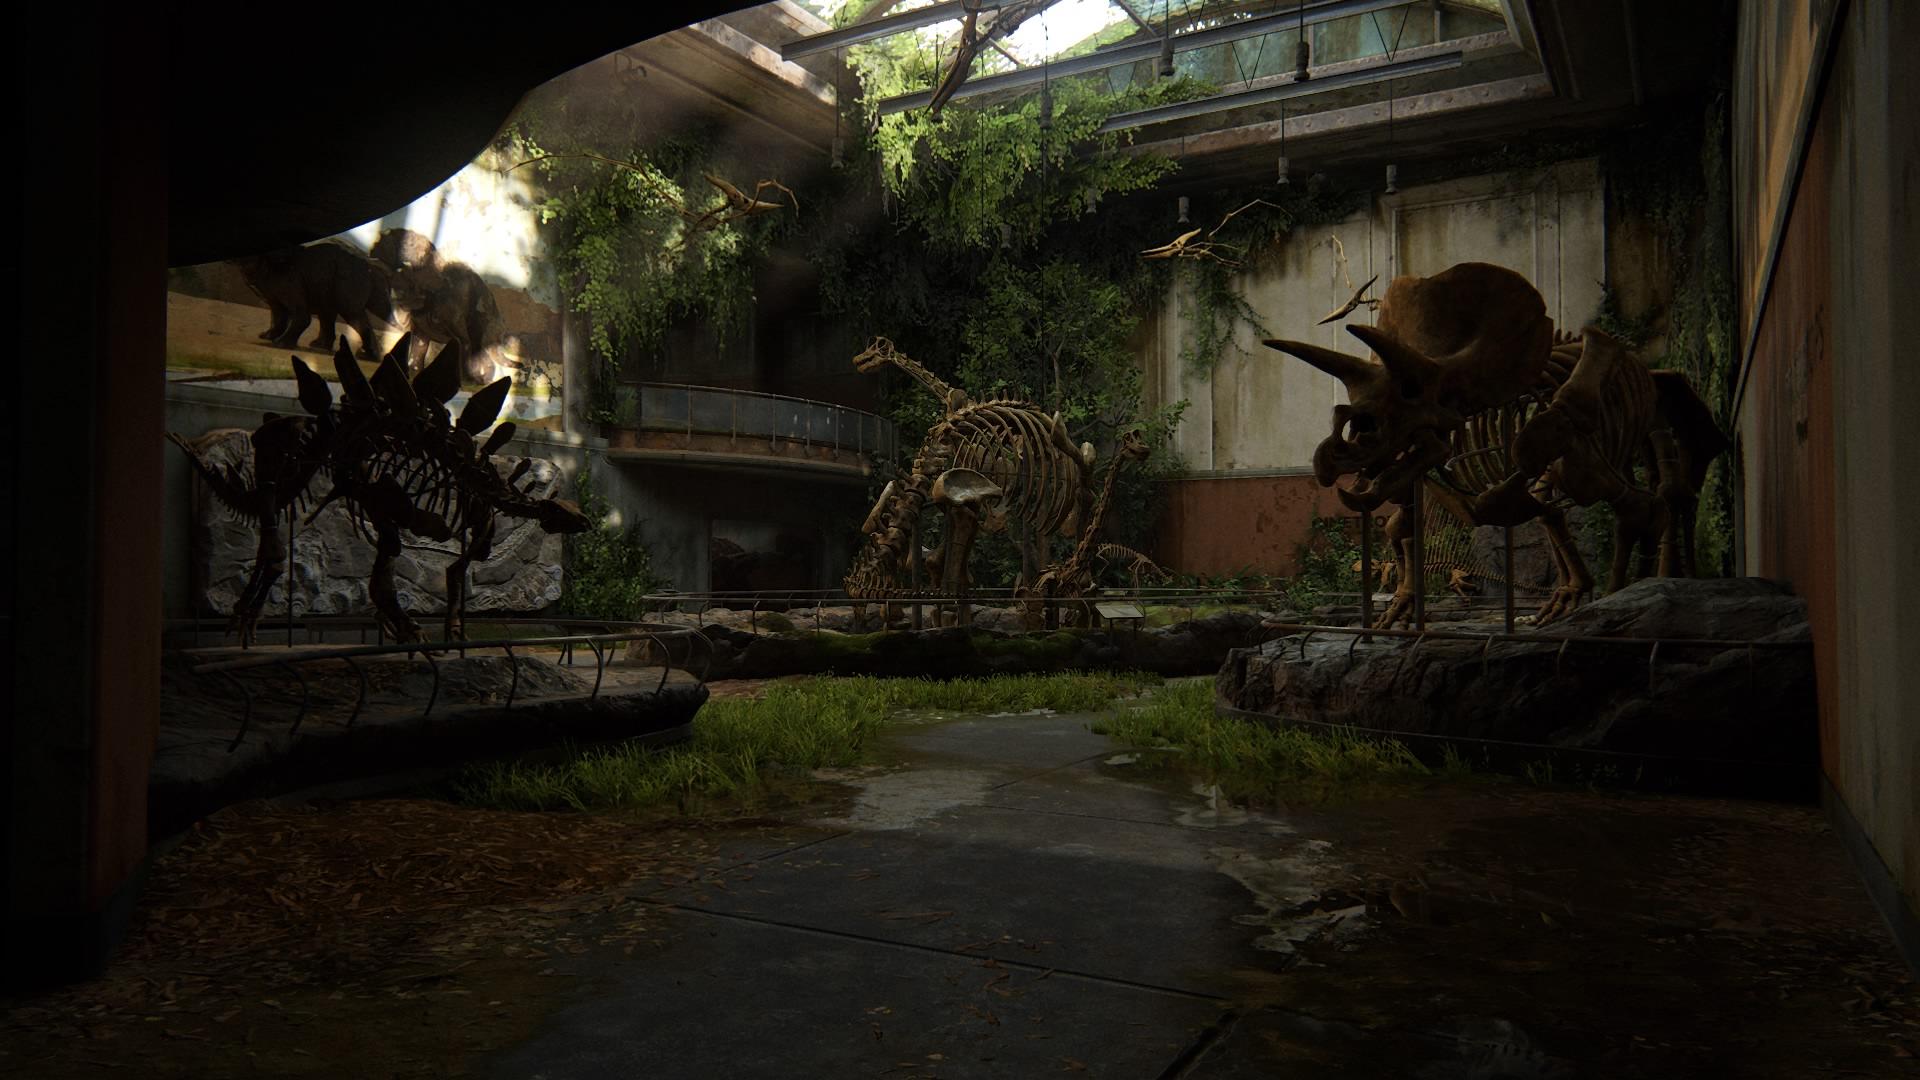 Parterre Gibt Es Alle Dinosaurier-Skelette Zu Sehen ...